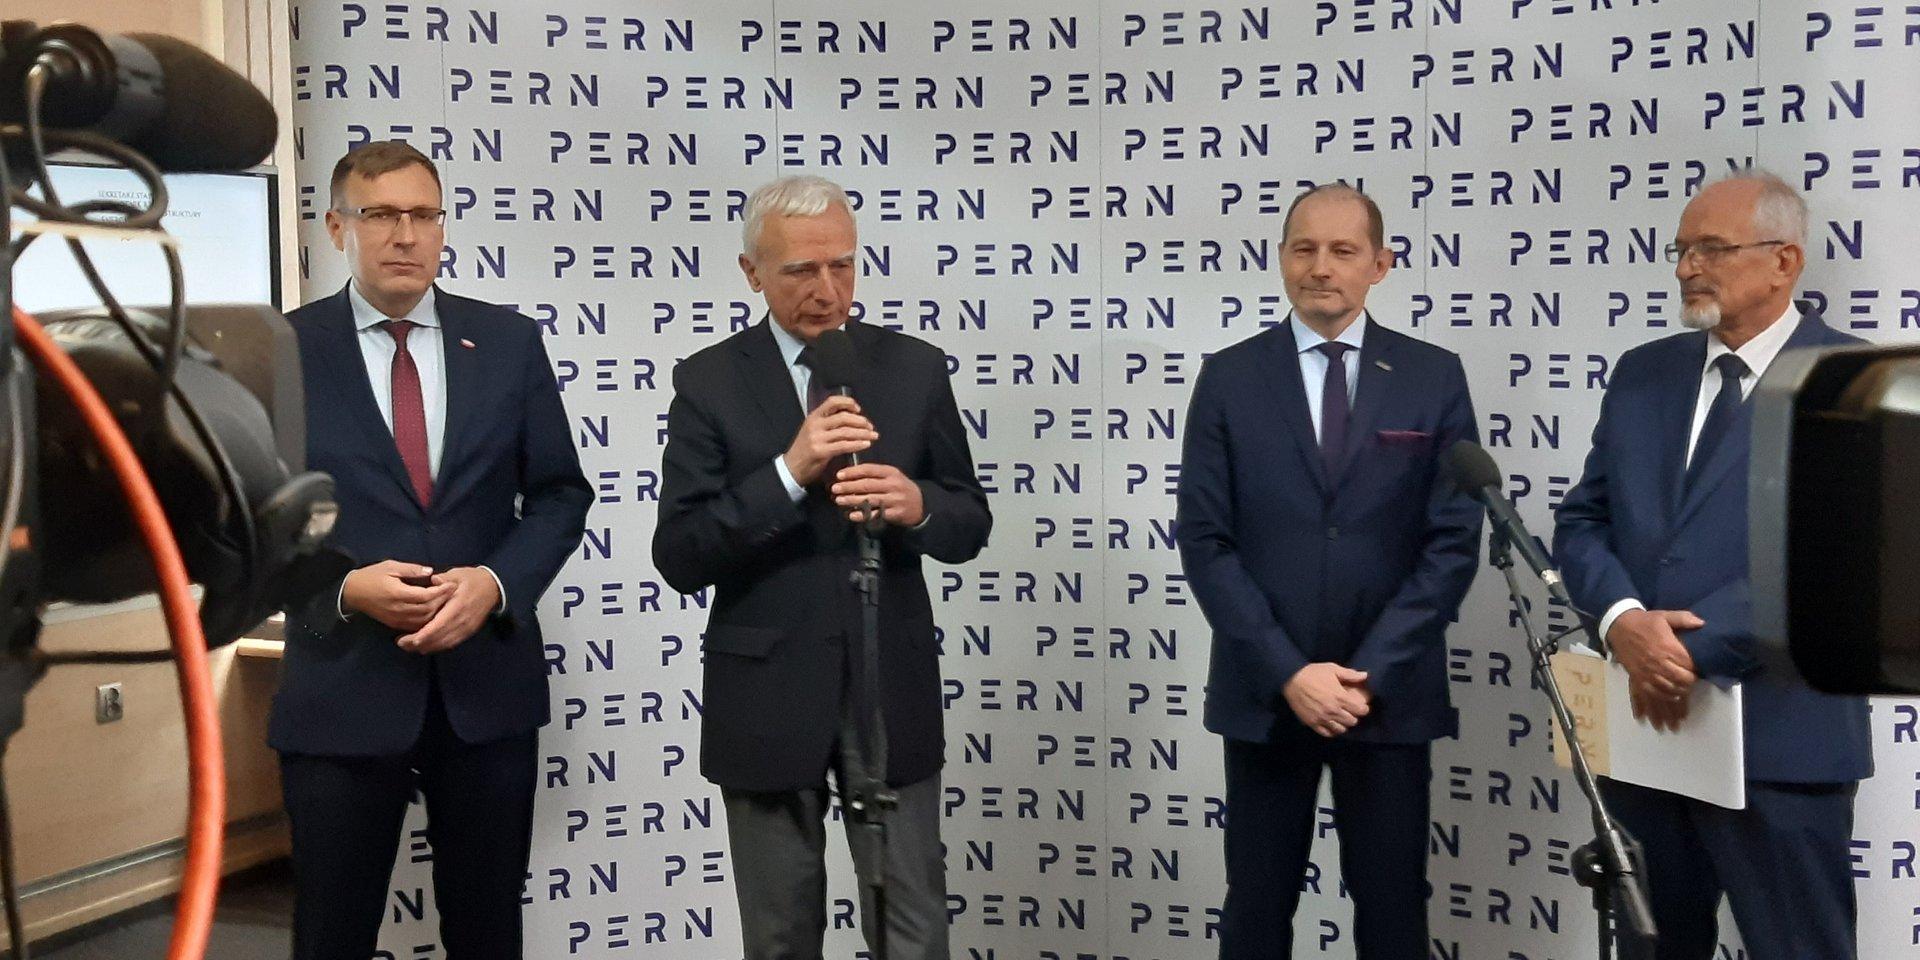 Dotrzymujemy słowa – w 2023 r. Polska osiągnie niezależność energetyczną w obszarze ropy i paliw